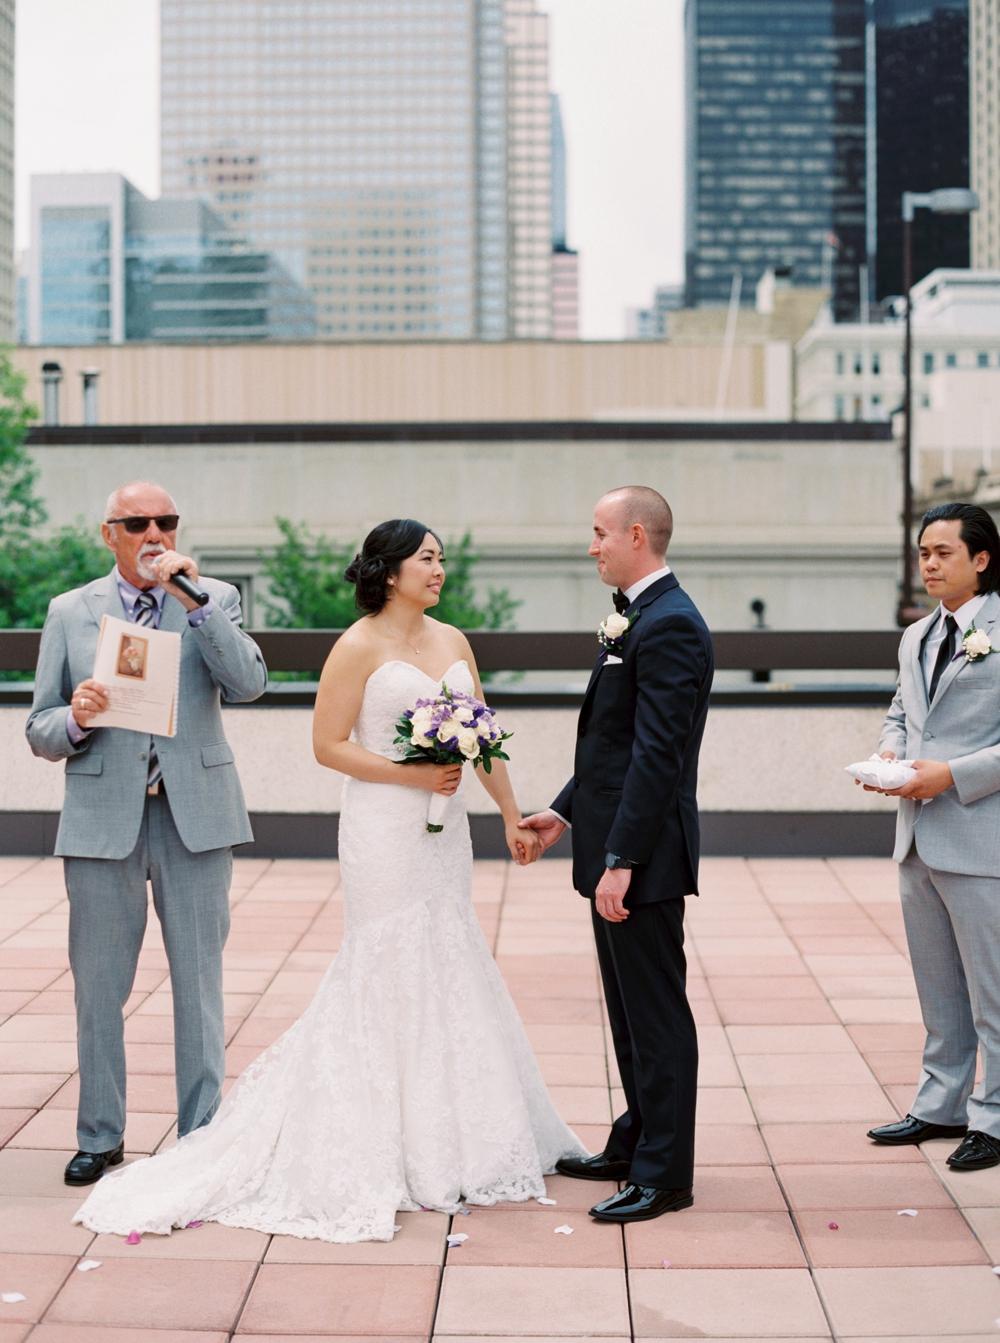 Calgary wedding photographers | chinese wedding | downtown calgary wedding photography | Civic on Third calgary wedding | mariott downtown calgary rooftop wedding